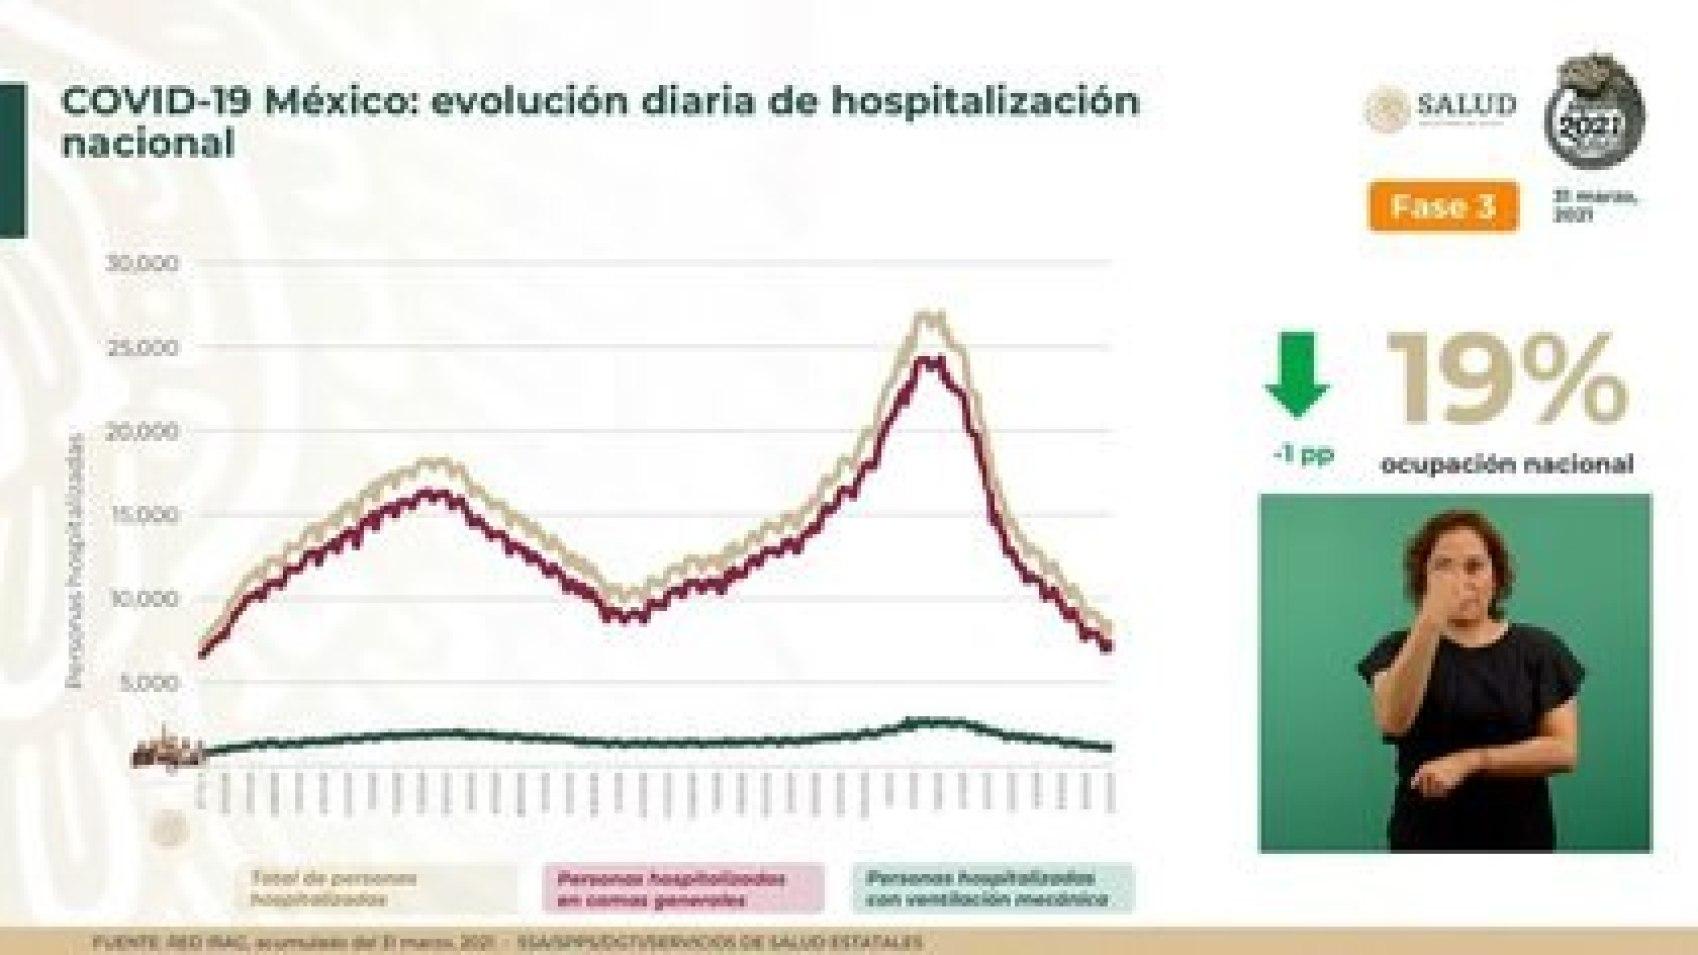 La entidad federativa que tiene menor porcentaje de ocupación es Campeche con 1.41 por ciento (Foto: SSA)